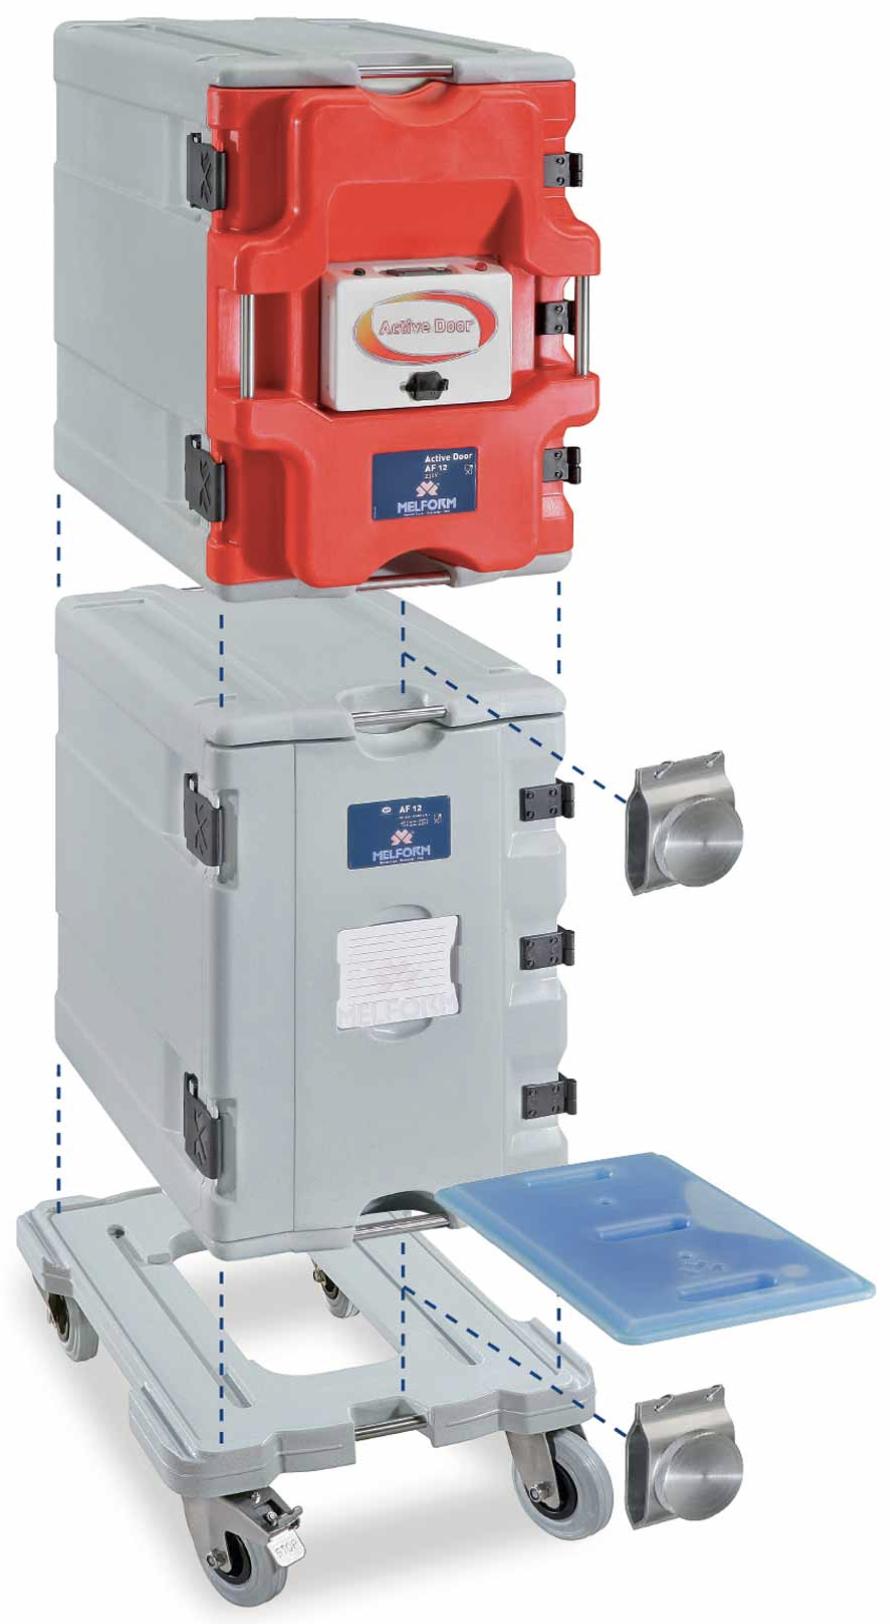 Sistema modular activo AF12 - permite la composición modular de los contenedores AF12. Puerta activa y puerta isotérmica.